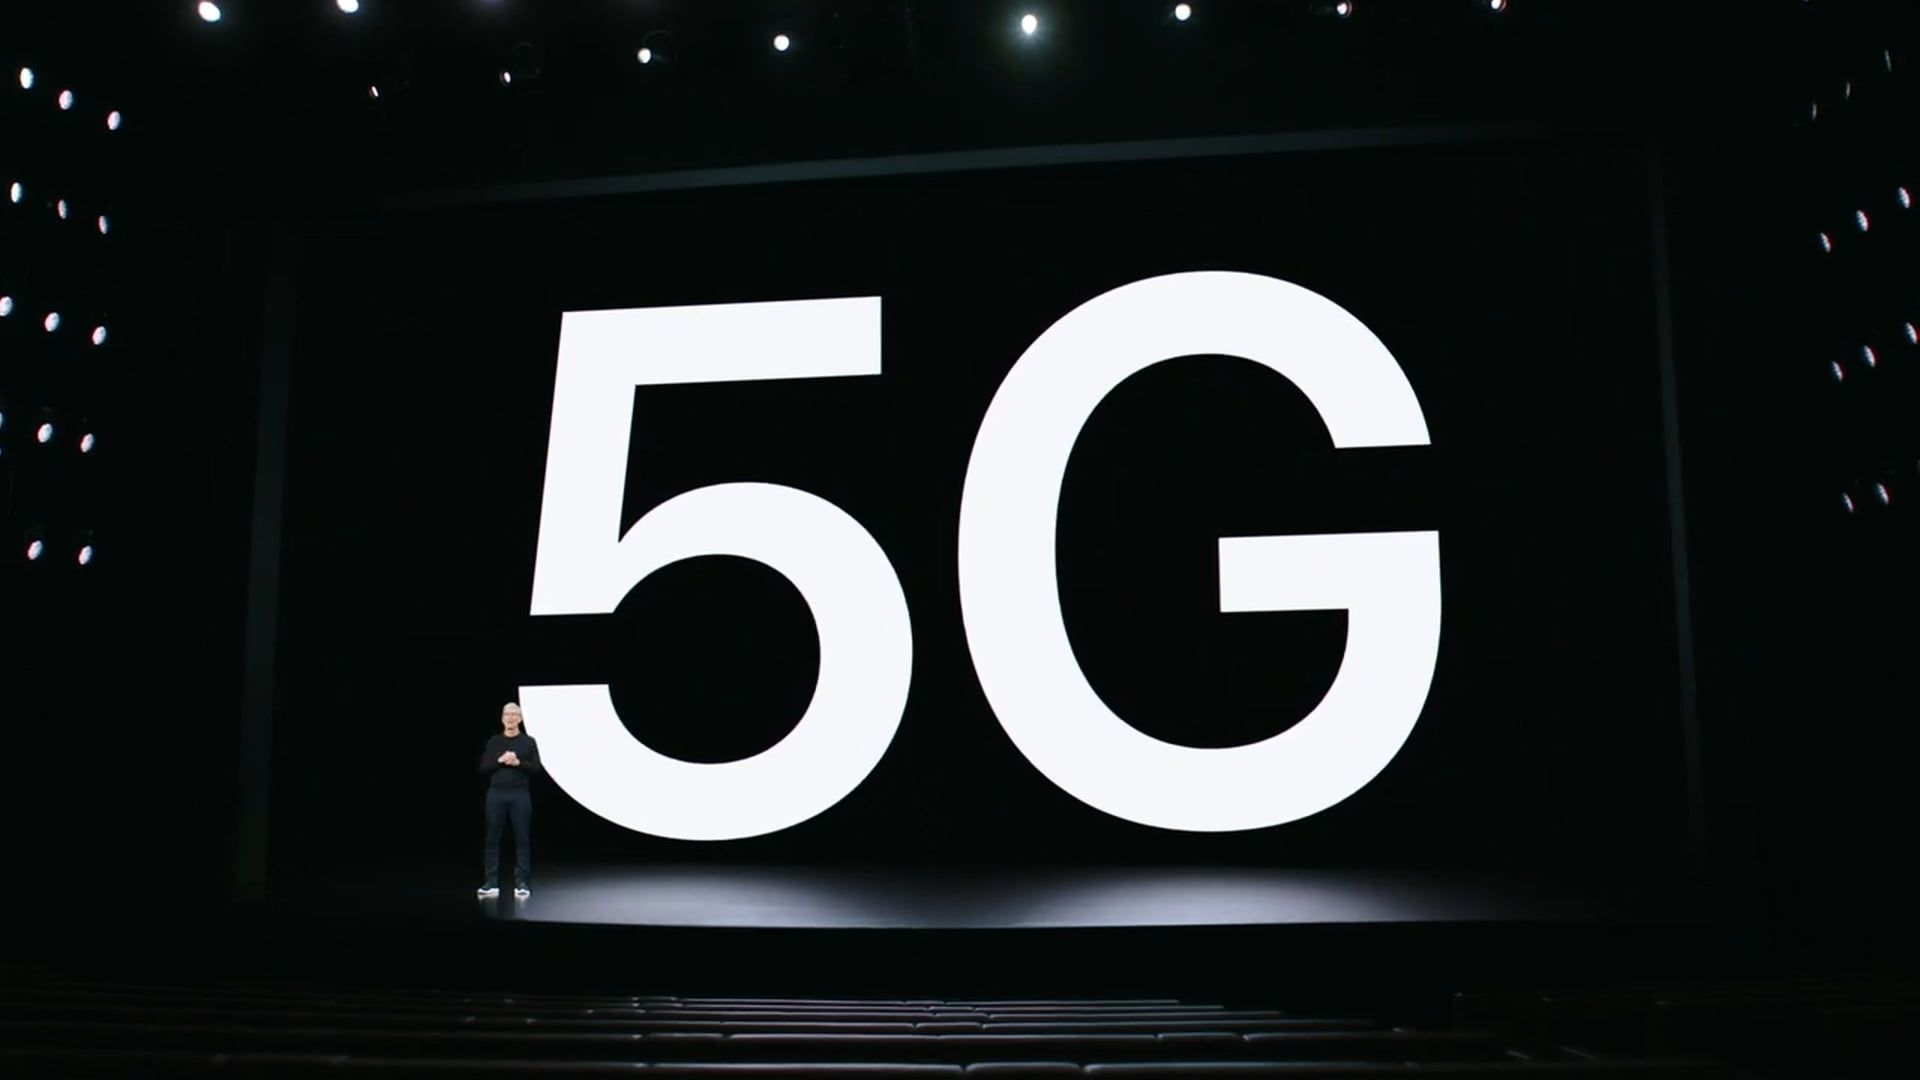 Na początku sieć 5G nie będzie dostępna w trybie Dual-SIM